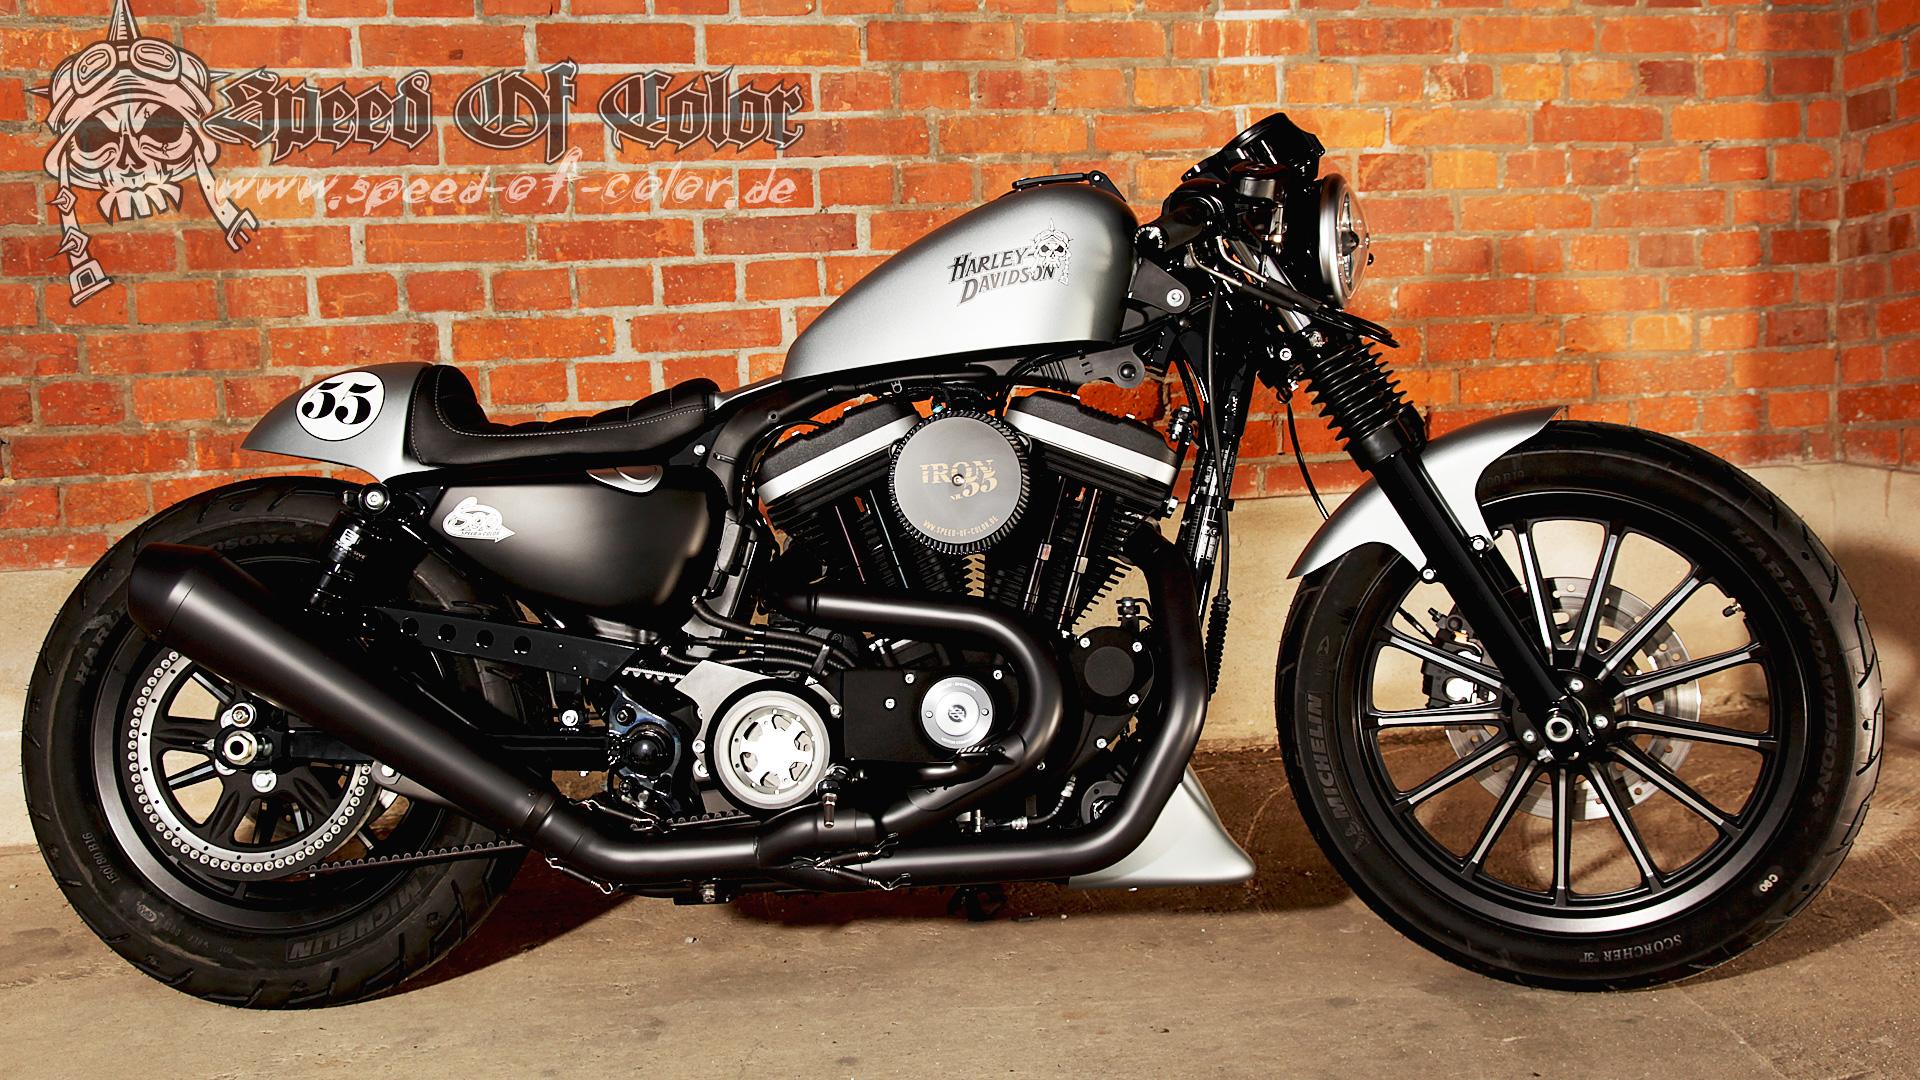 Harley Davidson Sportster Griffe